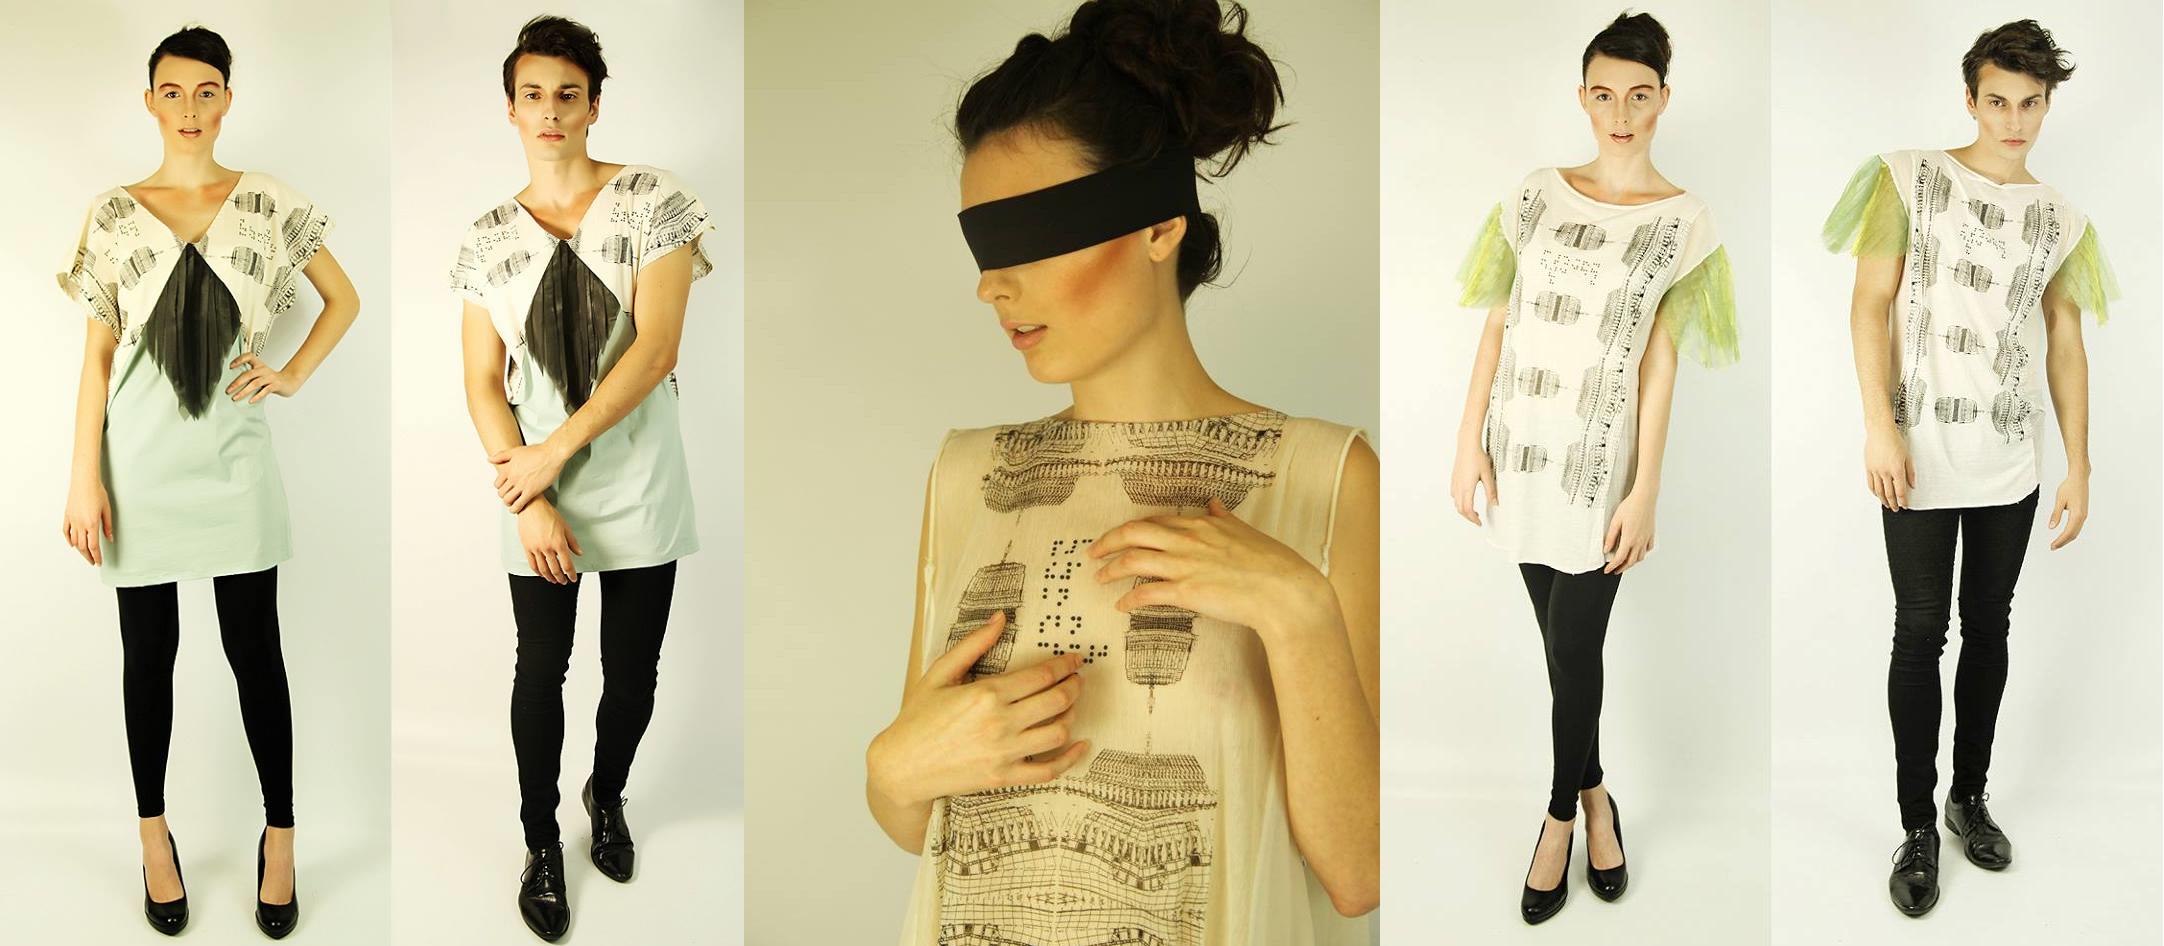 Braille Fashion